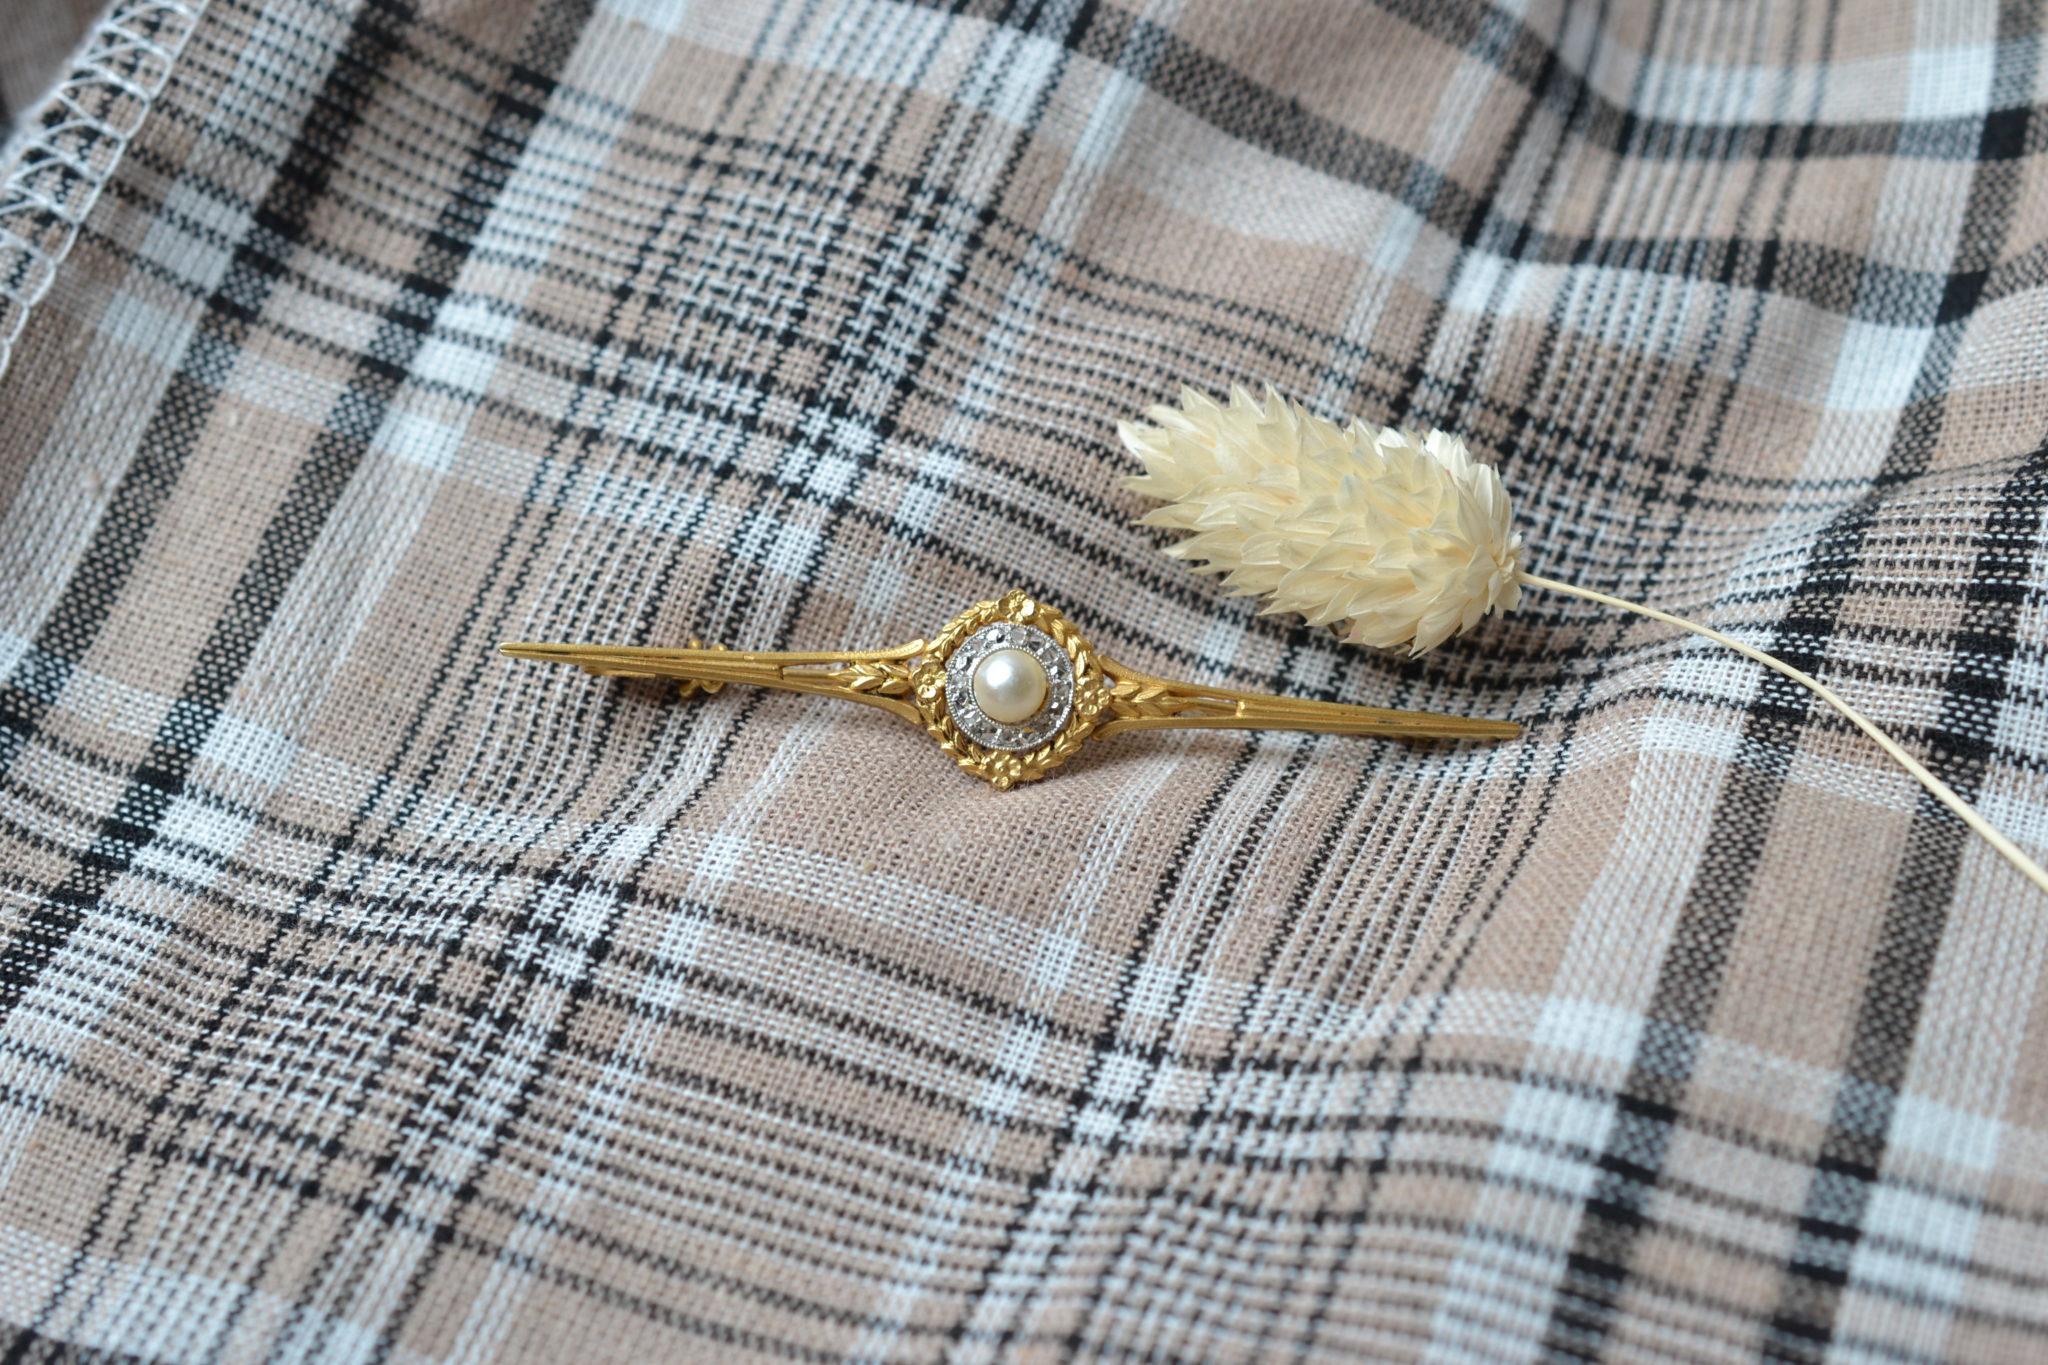 Broche En Or Jaune Centrée D_une Perle Probablement Dans Un Entourage De Diamants Taillés En Roses - Bijou Ancien De Seconde Main